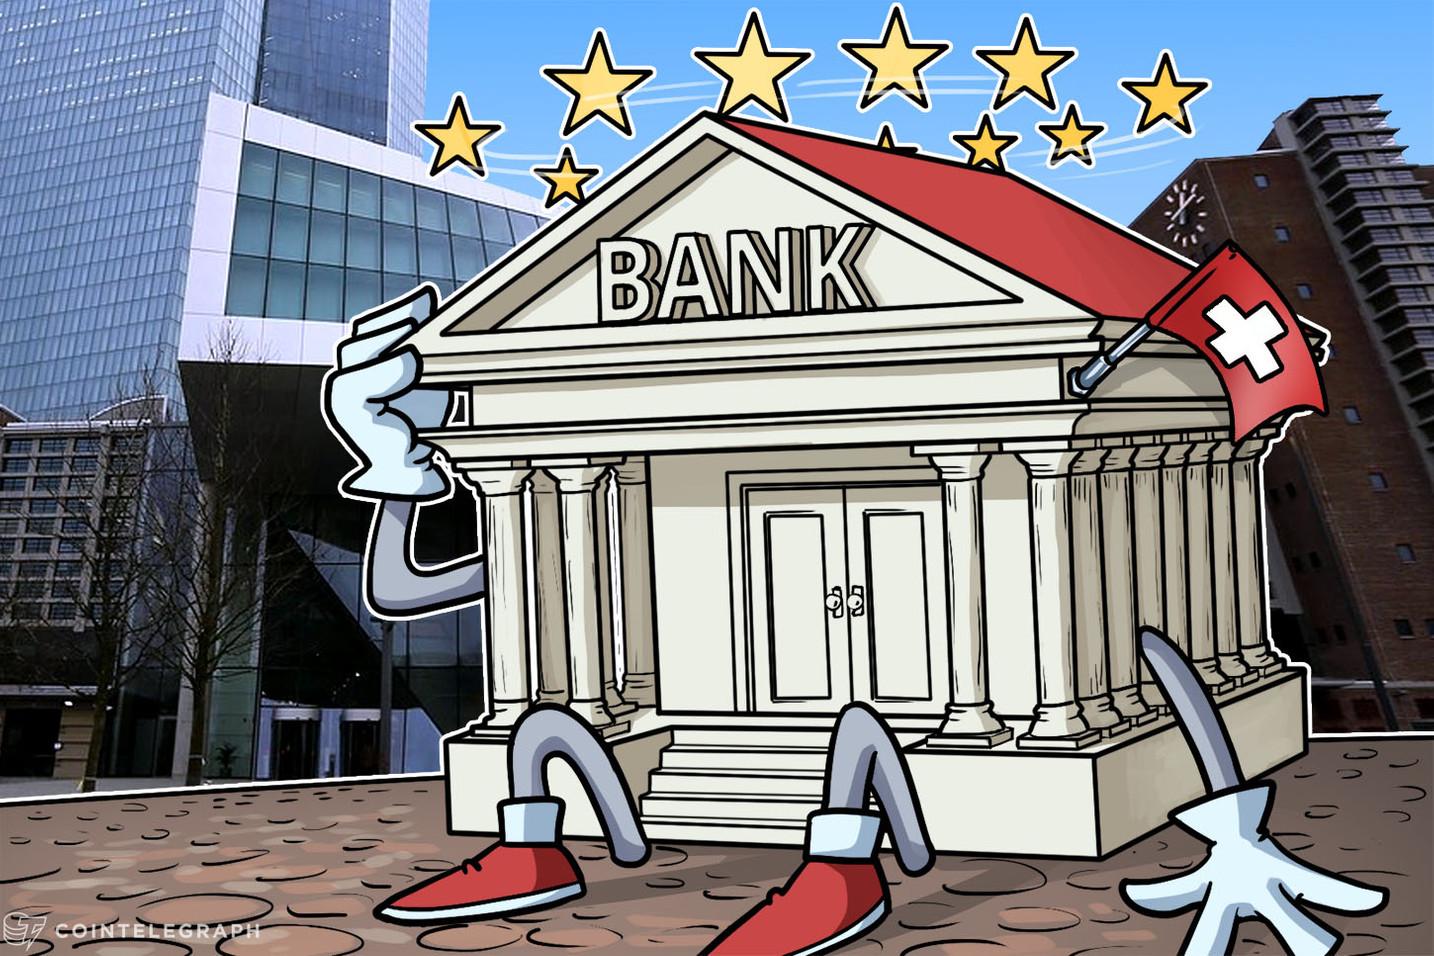 تقرير جديد صادرٌ عن مؤسسة موديز: الصناعة المصرفية السويسرية ستكون الأكثر تأثرًا بتقنية بلوكتشين